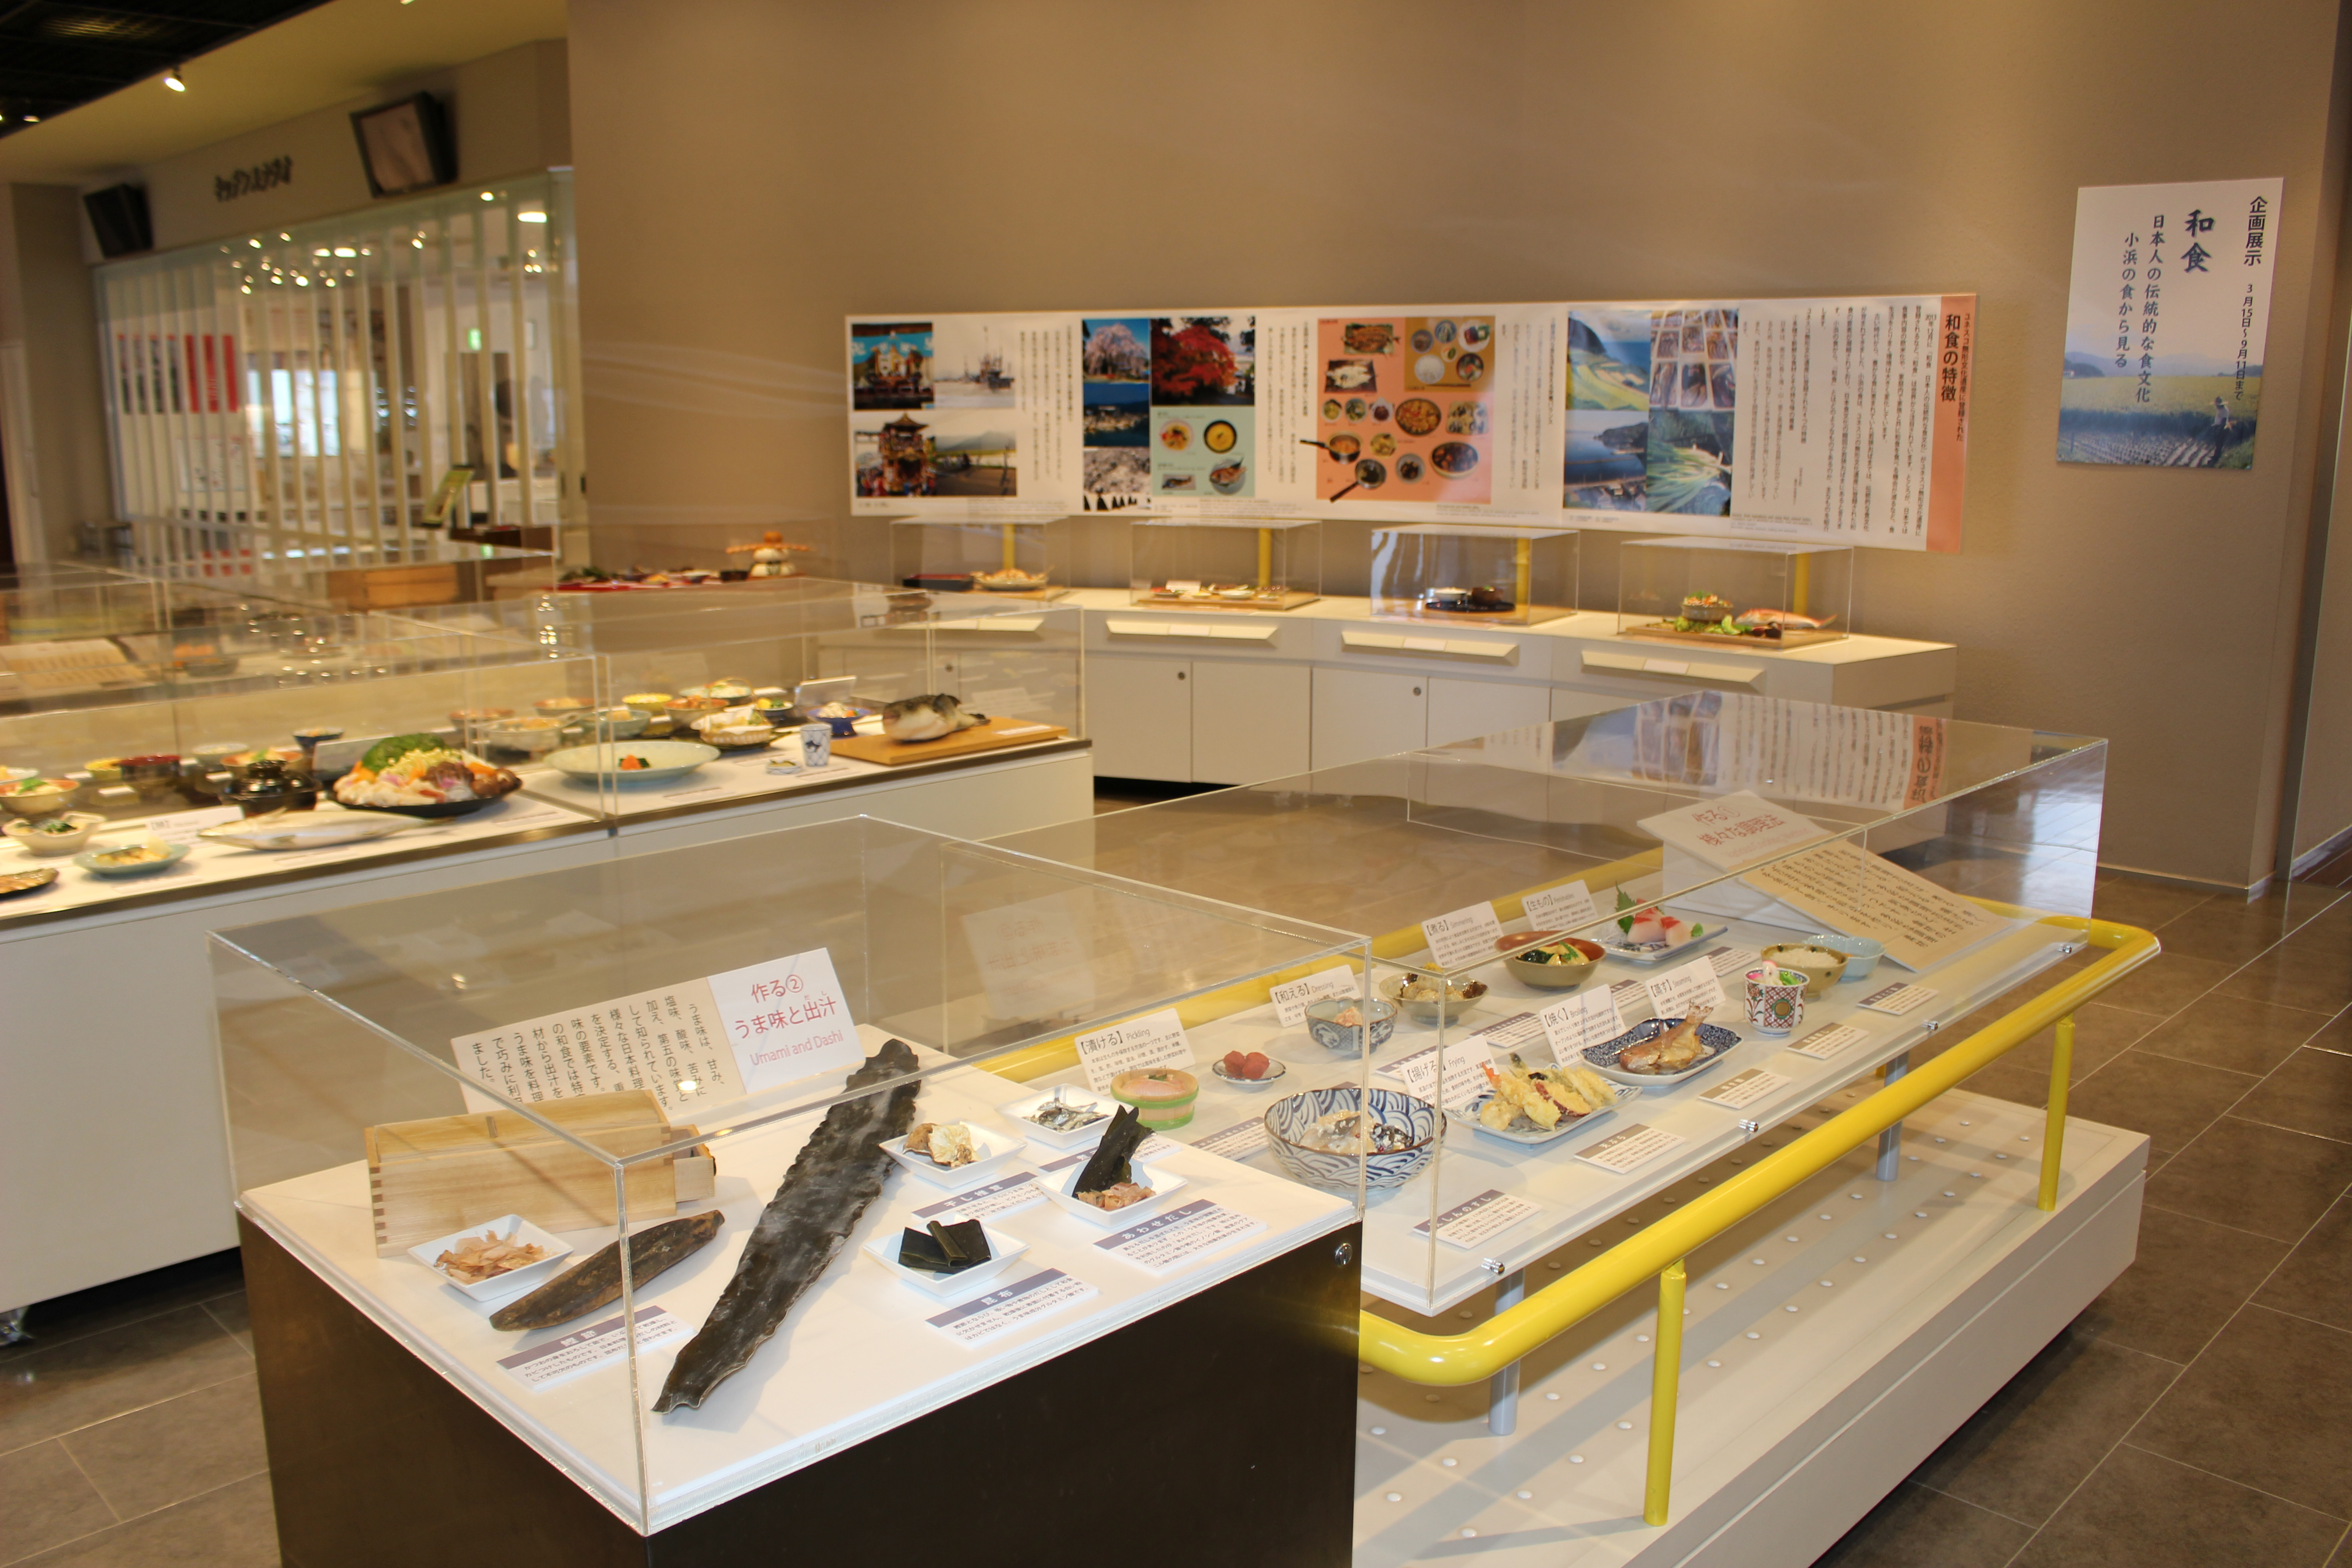 食文化館日記 » 企画展示「和食 日本人の伝統的な食文化 小浜の食から ... 648b3261f415